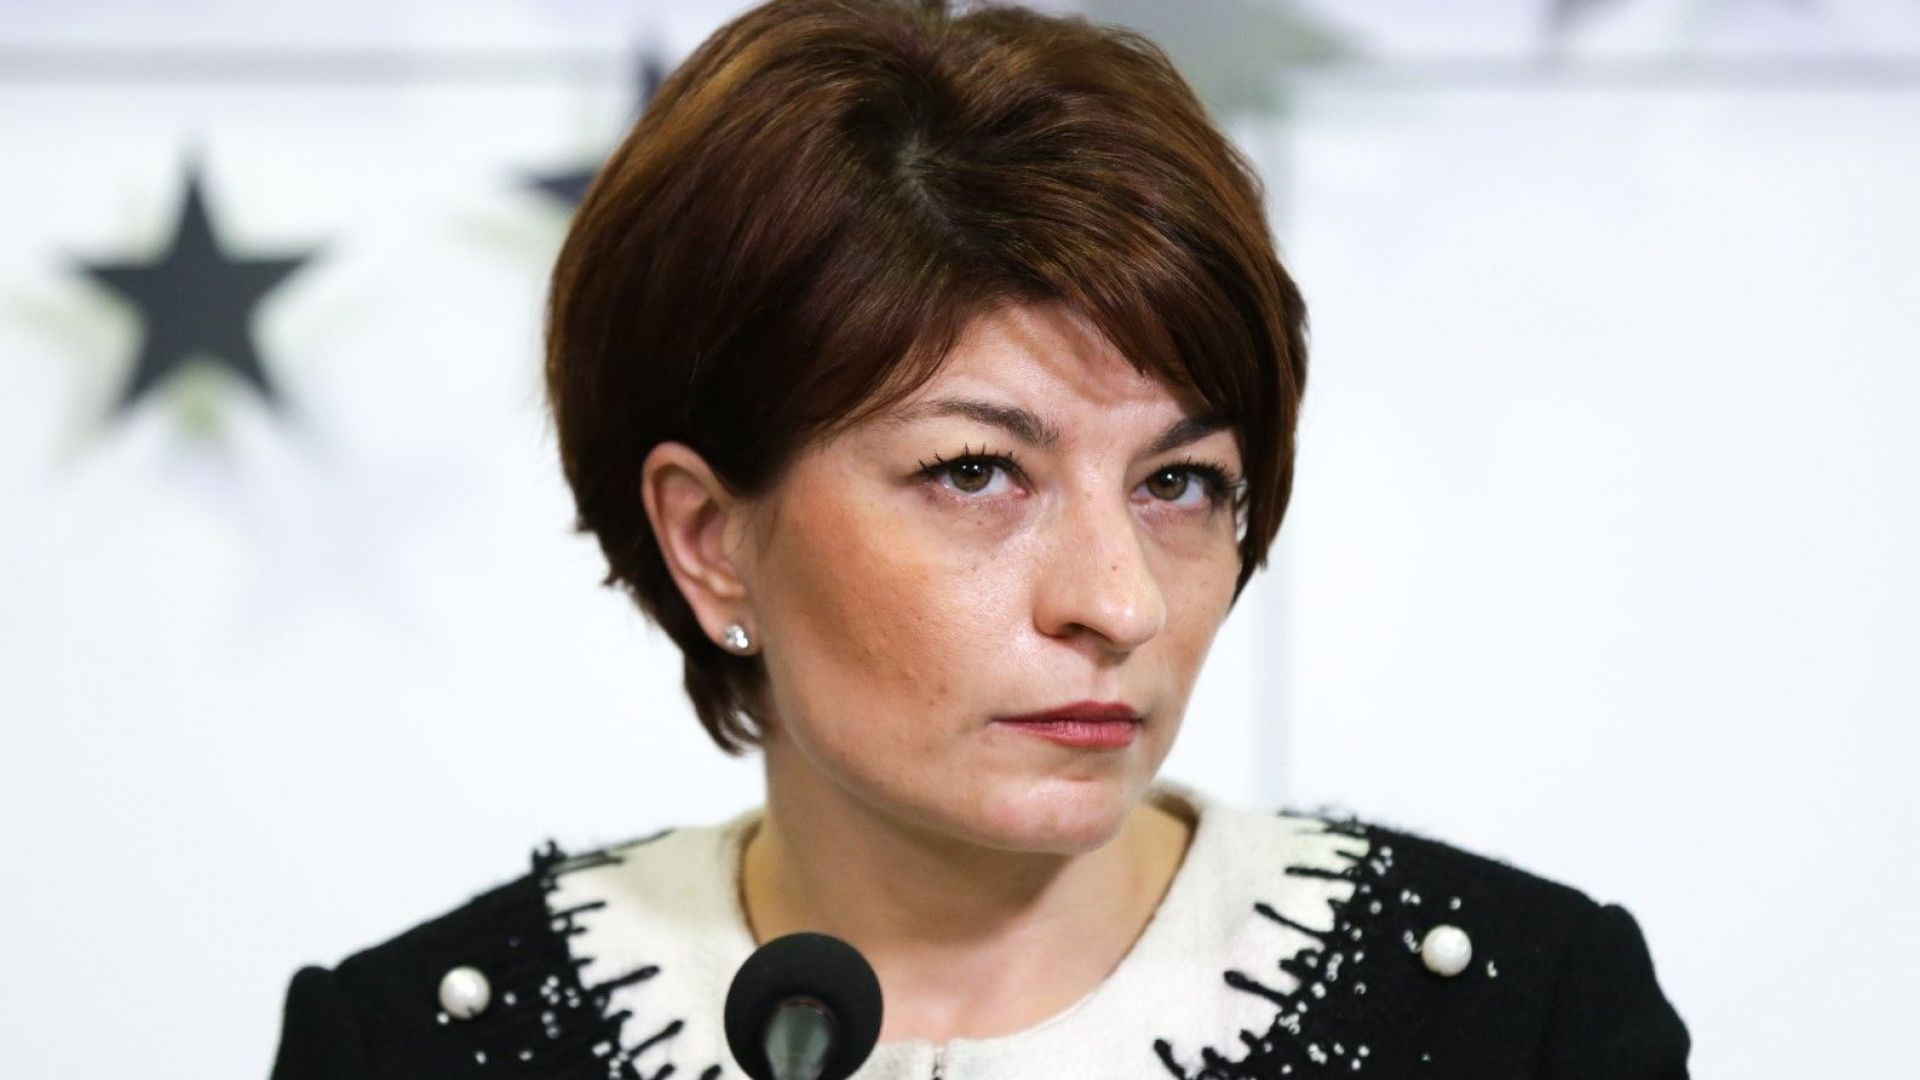 Десислава Атанасова: За президента, Васил Божков, шпионажа за Русия и спецслужбите